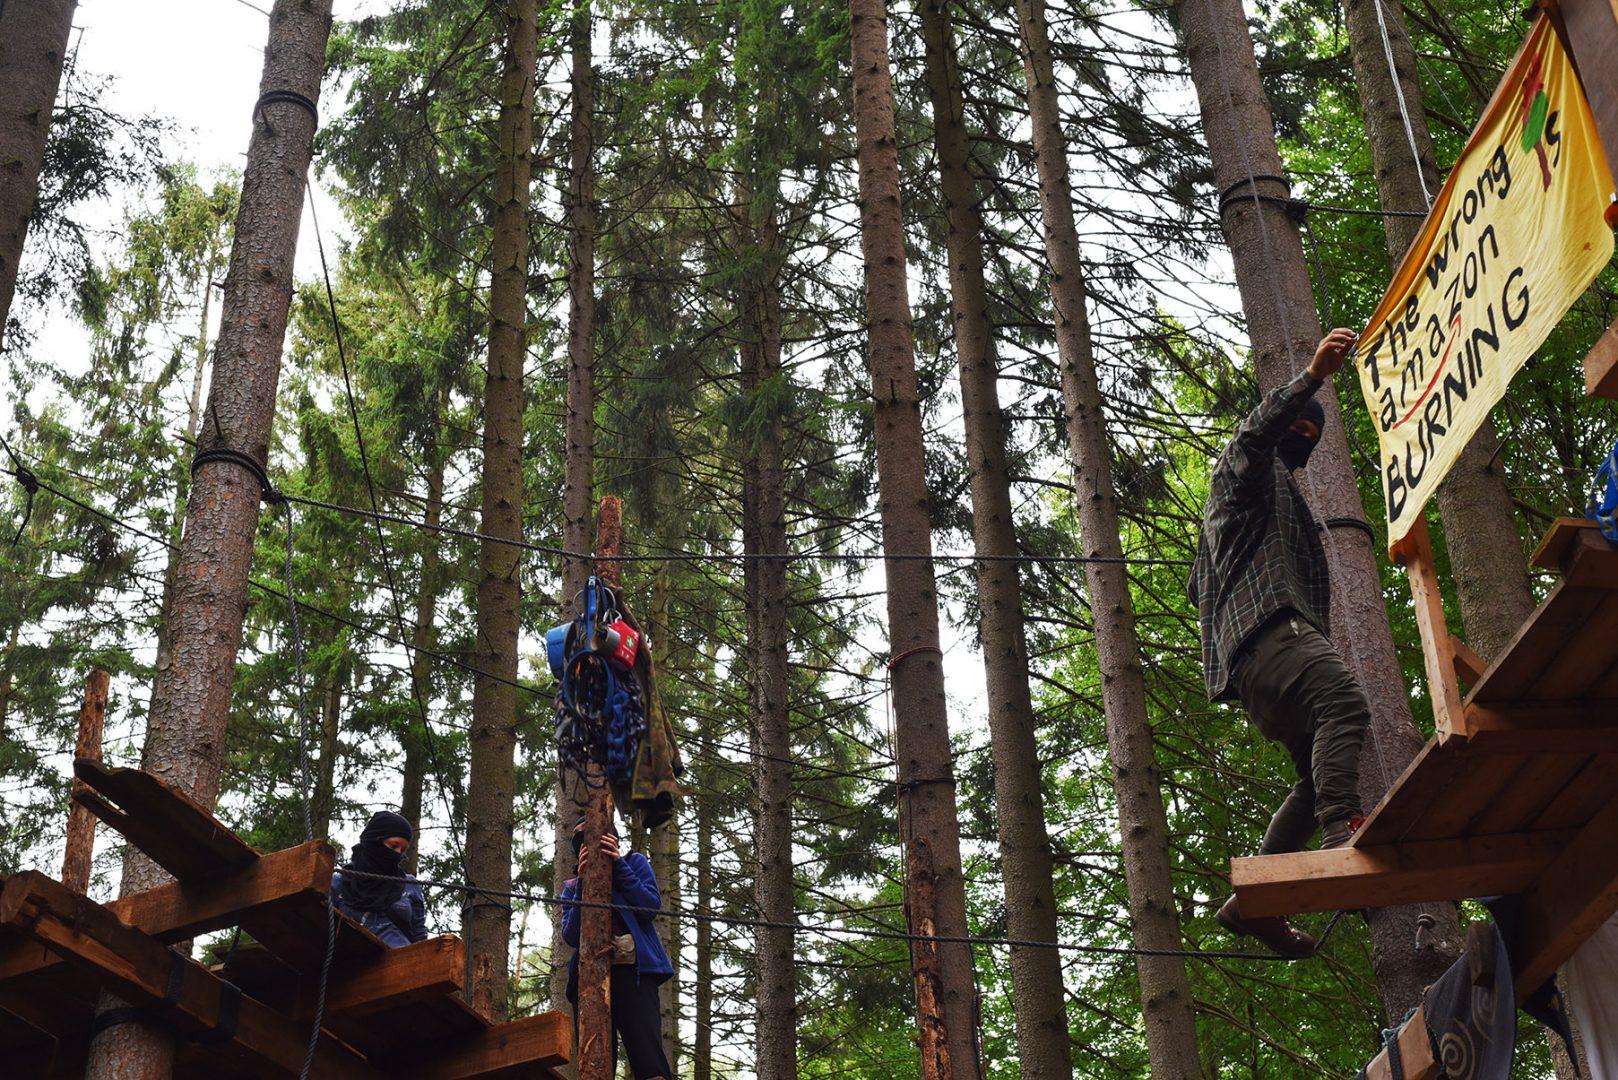 Waldbesetzung: Kampf um die Bäume